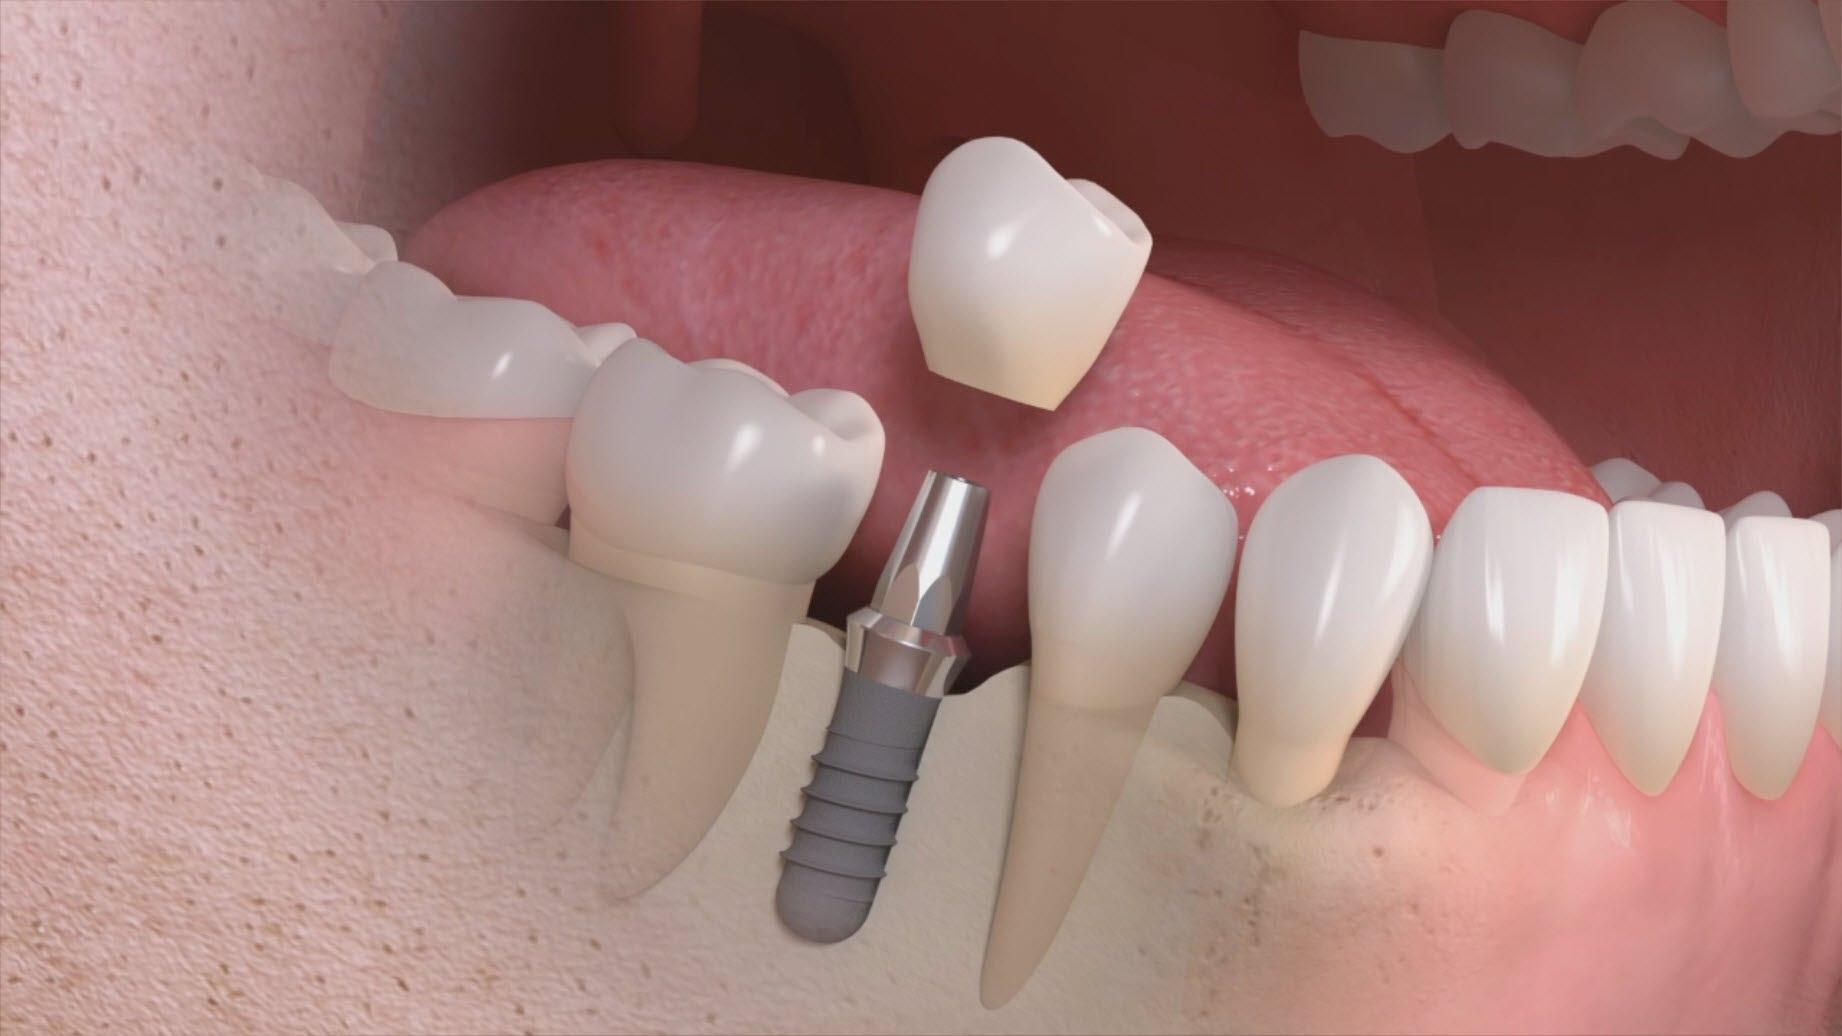 Implantologia - Ricostruzione 3D di un impianto.